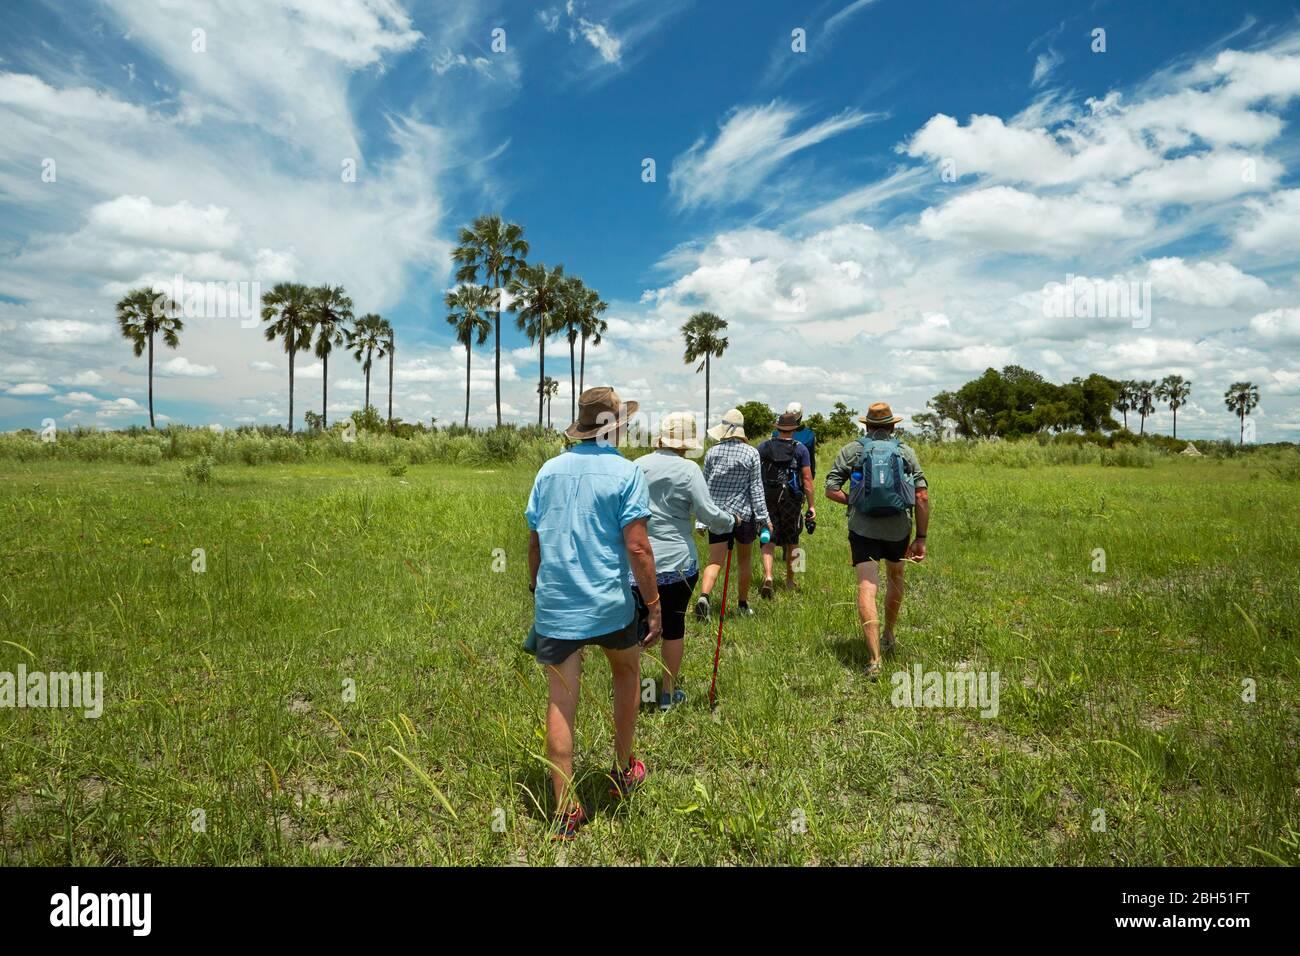 Les touristes se rendent à pied dans le Delta d'Okavango, au Botswana, en Afrique Banque D'Images